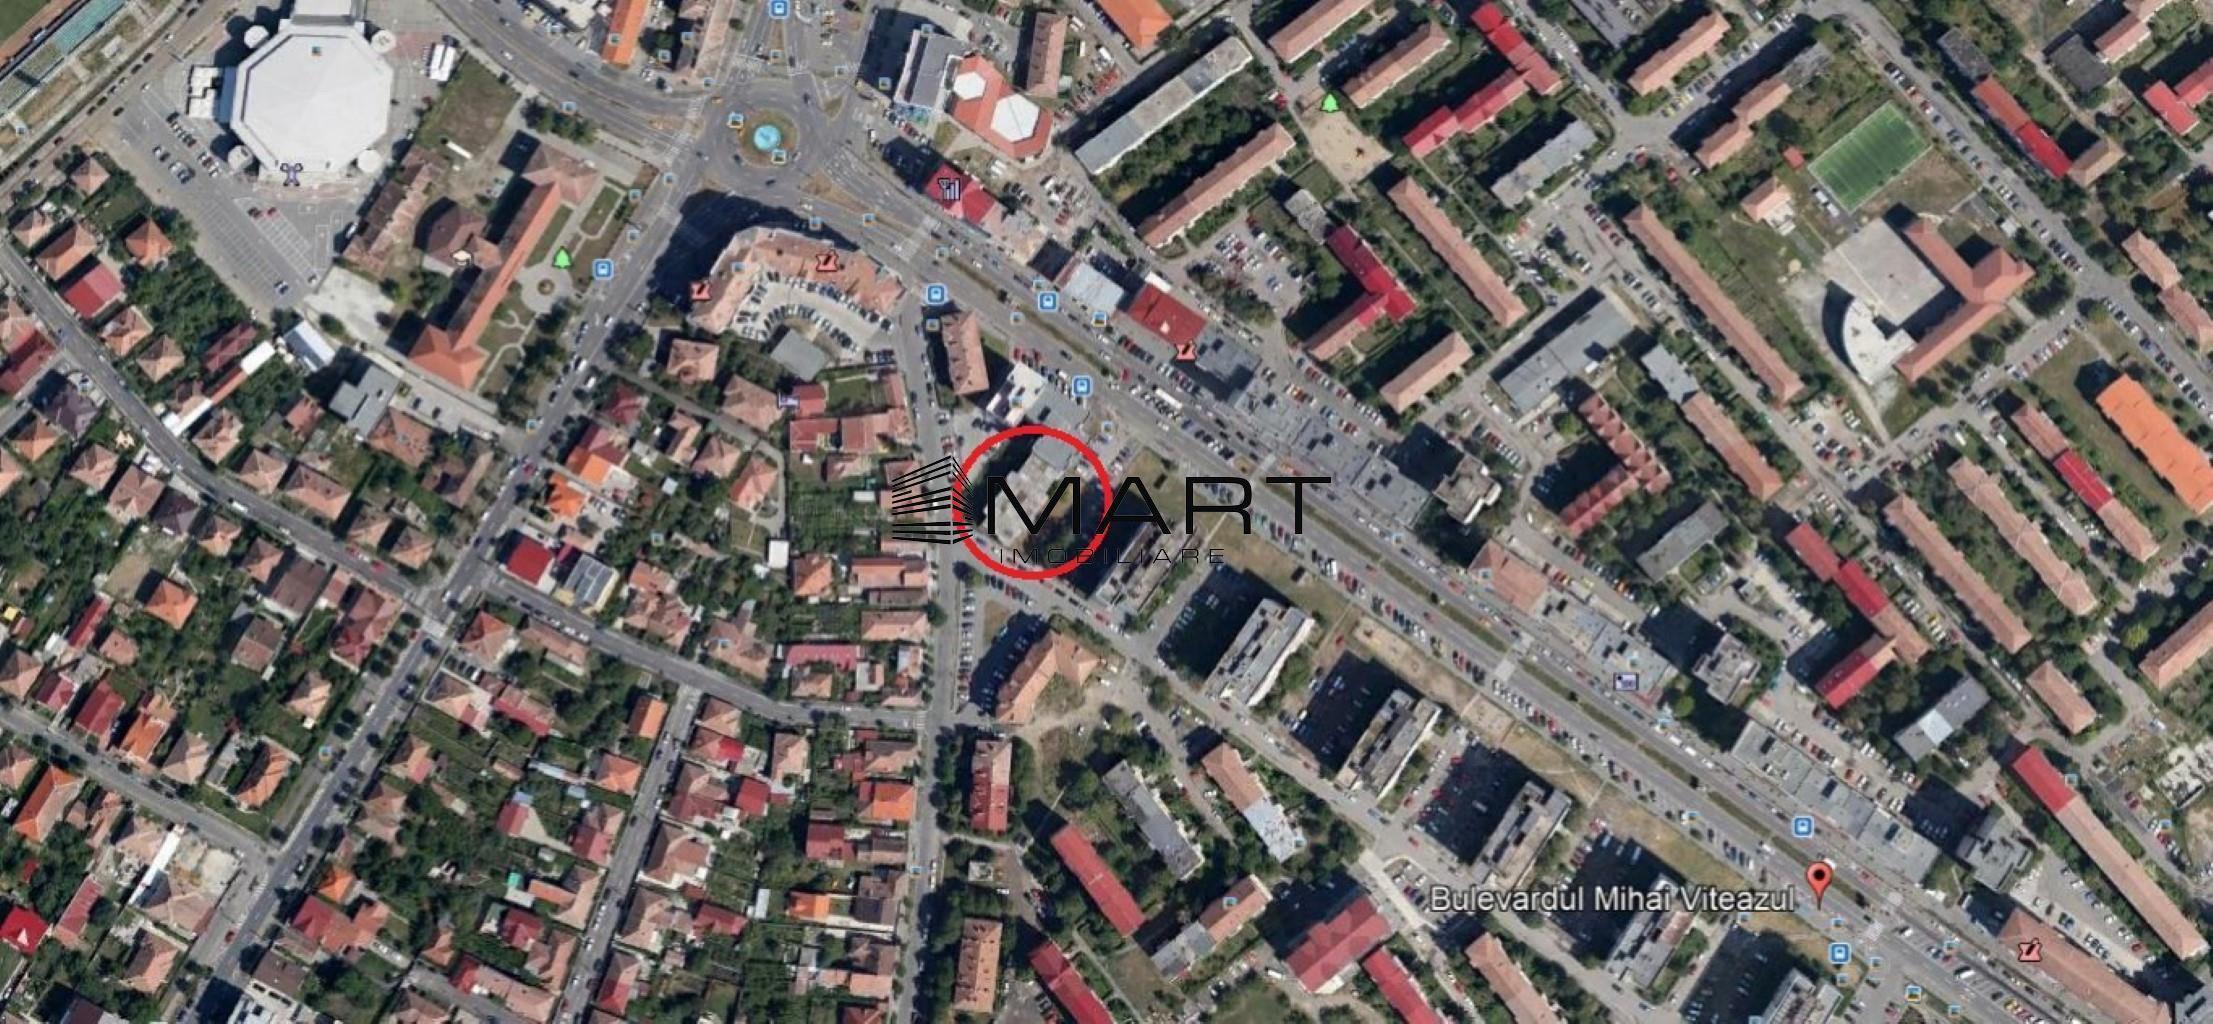 Apartament 4 camere etaj 3 zona Mihai Viteazul